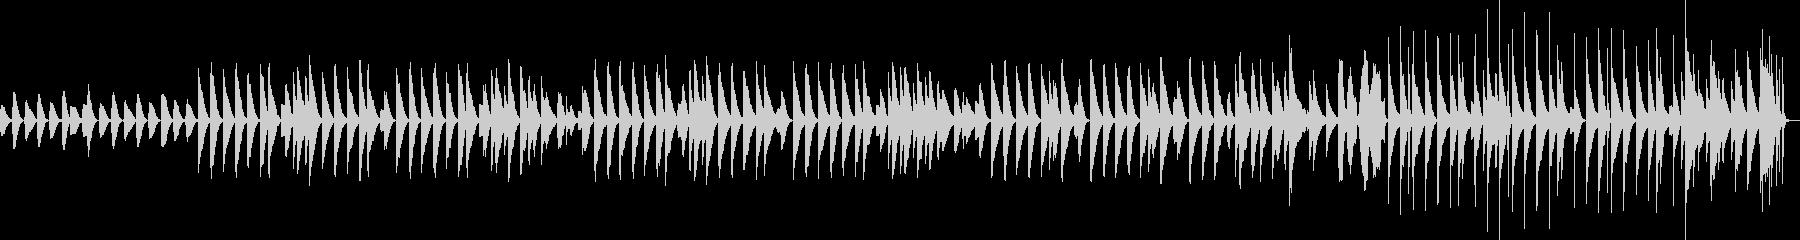 クリスマスに合うほのぼのとした木琴BGMの未再生の波形